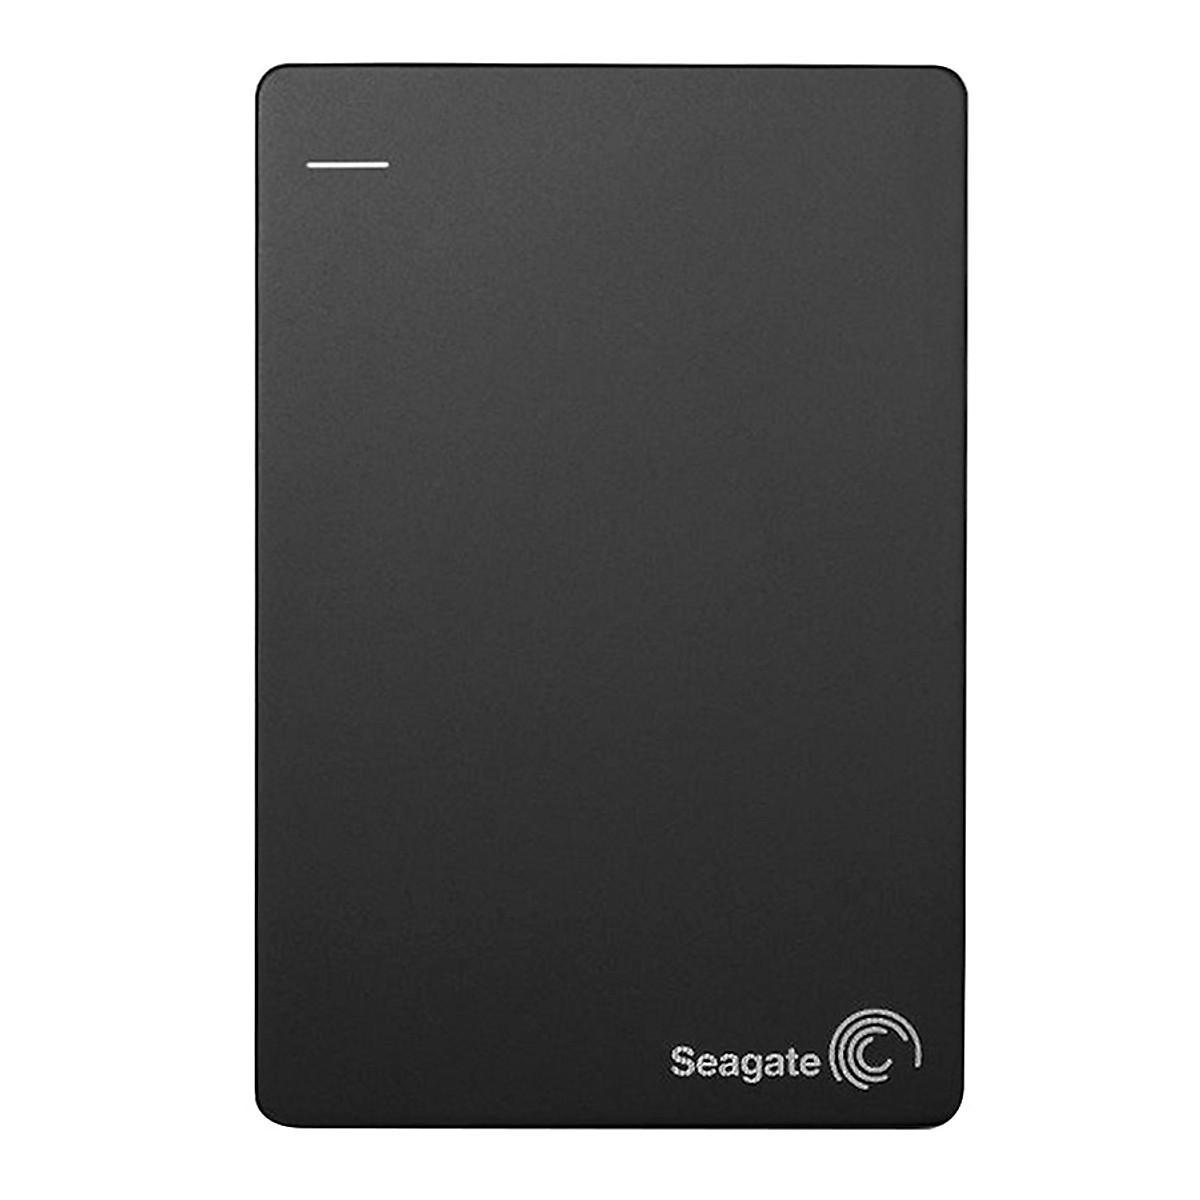 Ổ cứng di động Seagate Backup Plus Portable USB 3.0 - Hàng Nhập Khẩu